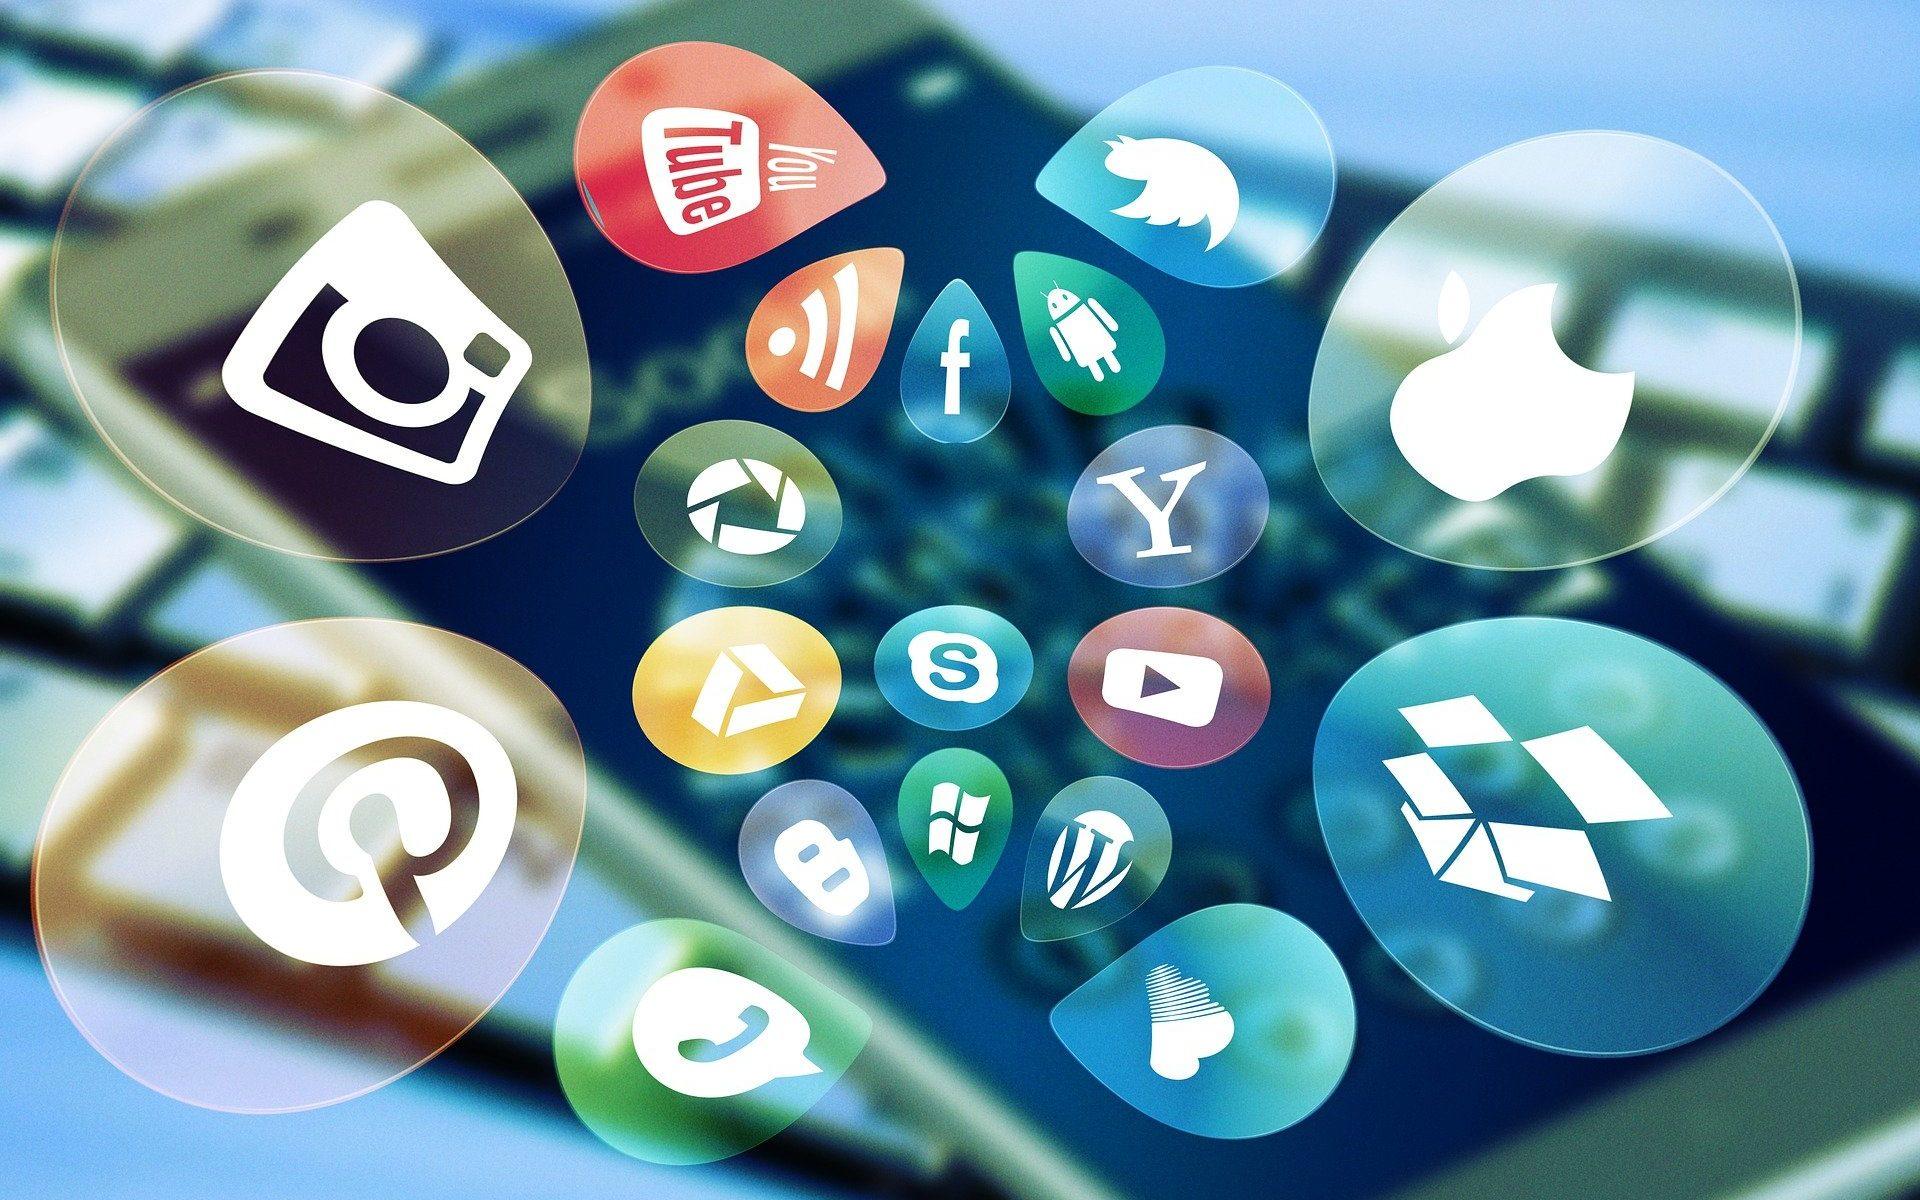 Kuvitettu kuva, jossa on eri sosiaalisen median kanavien logoja.